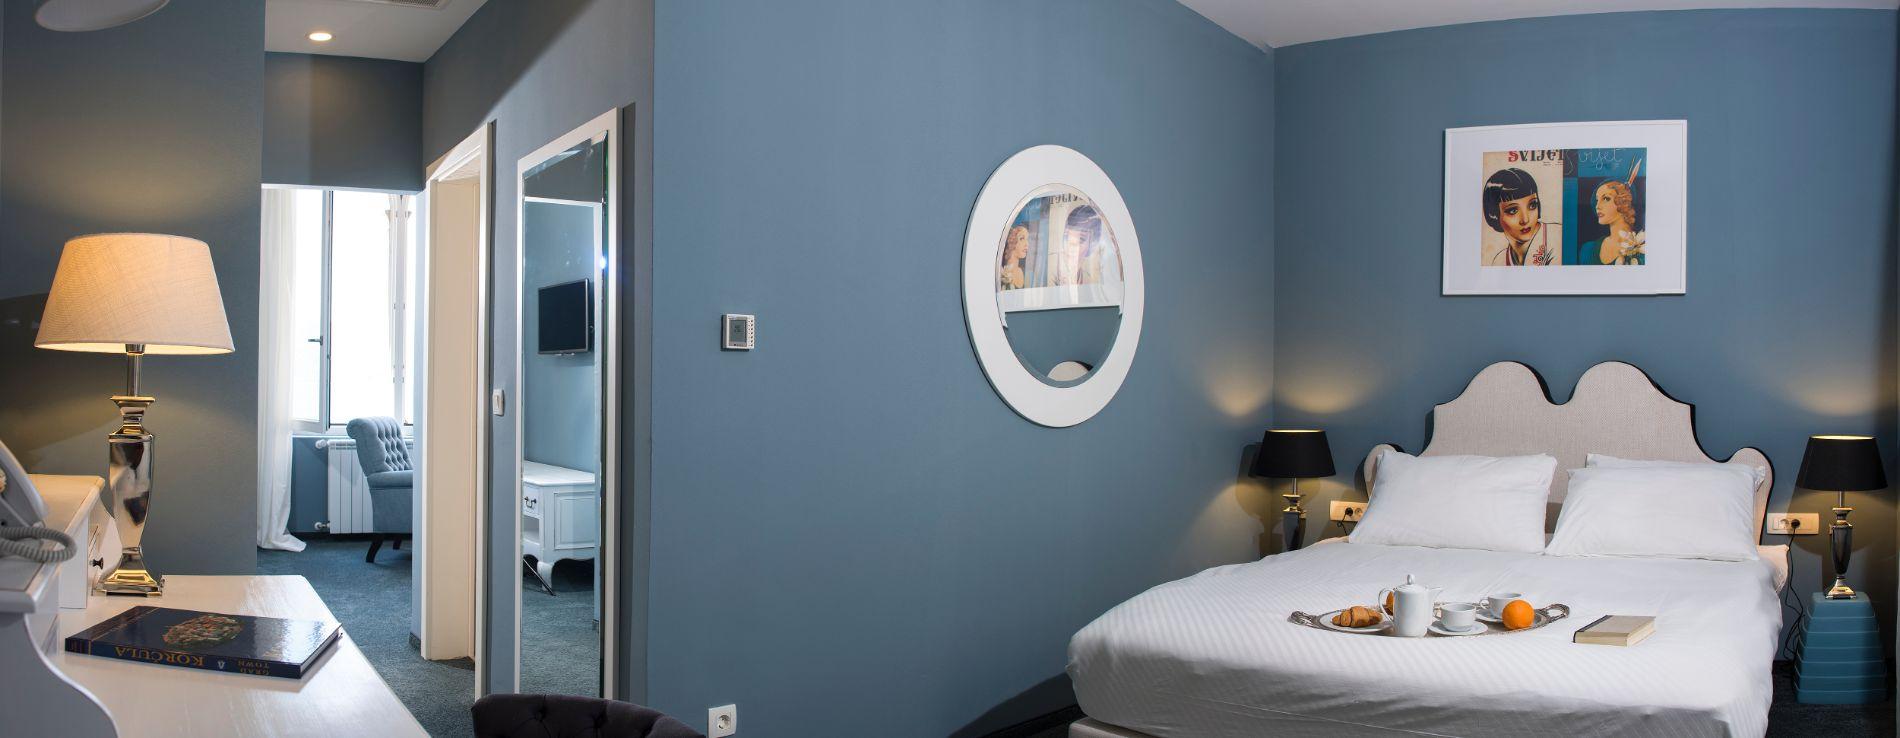 Hotel De la Ville_Korcula_18